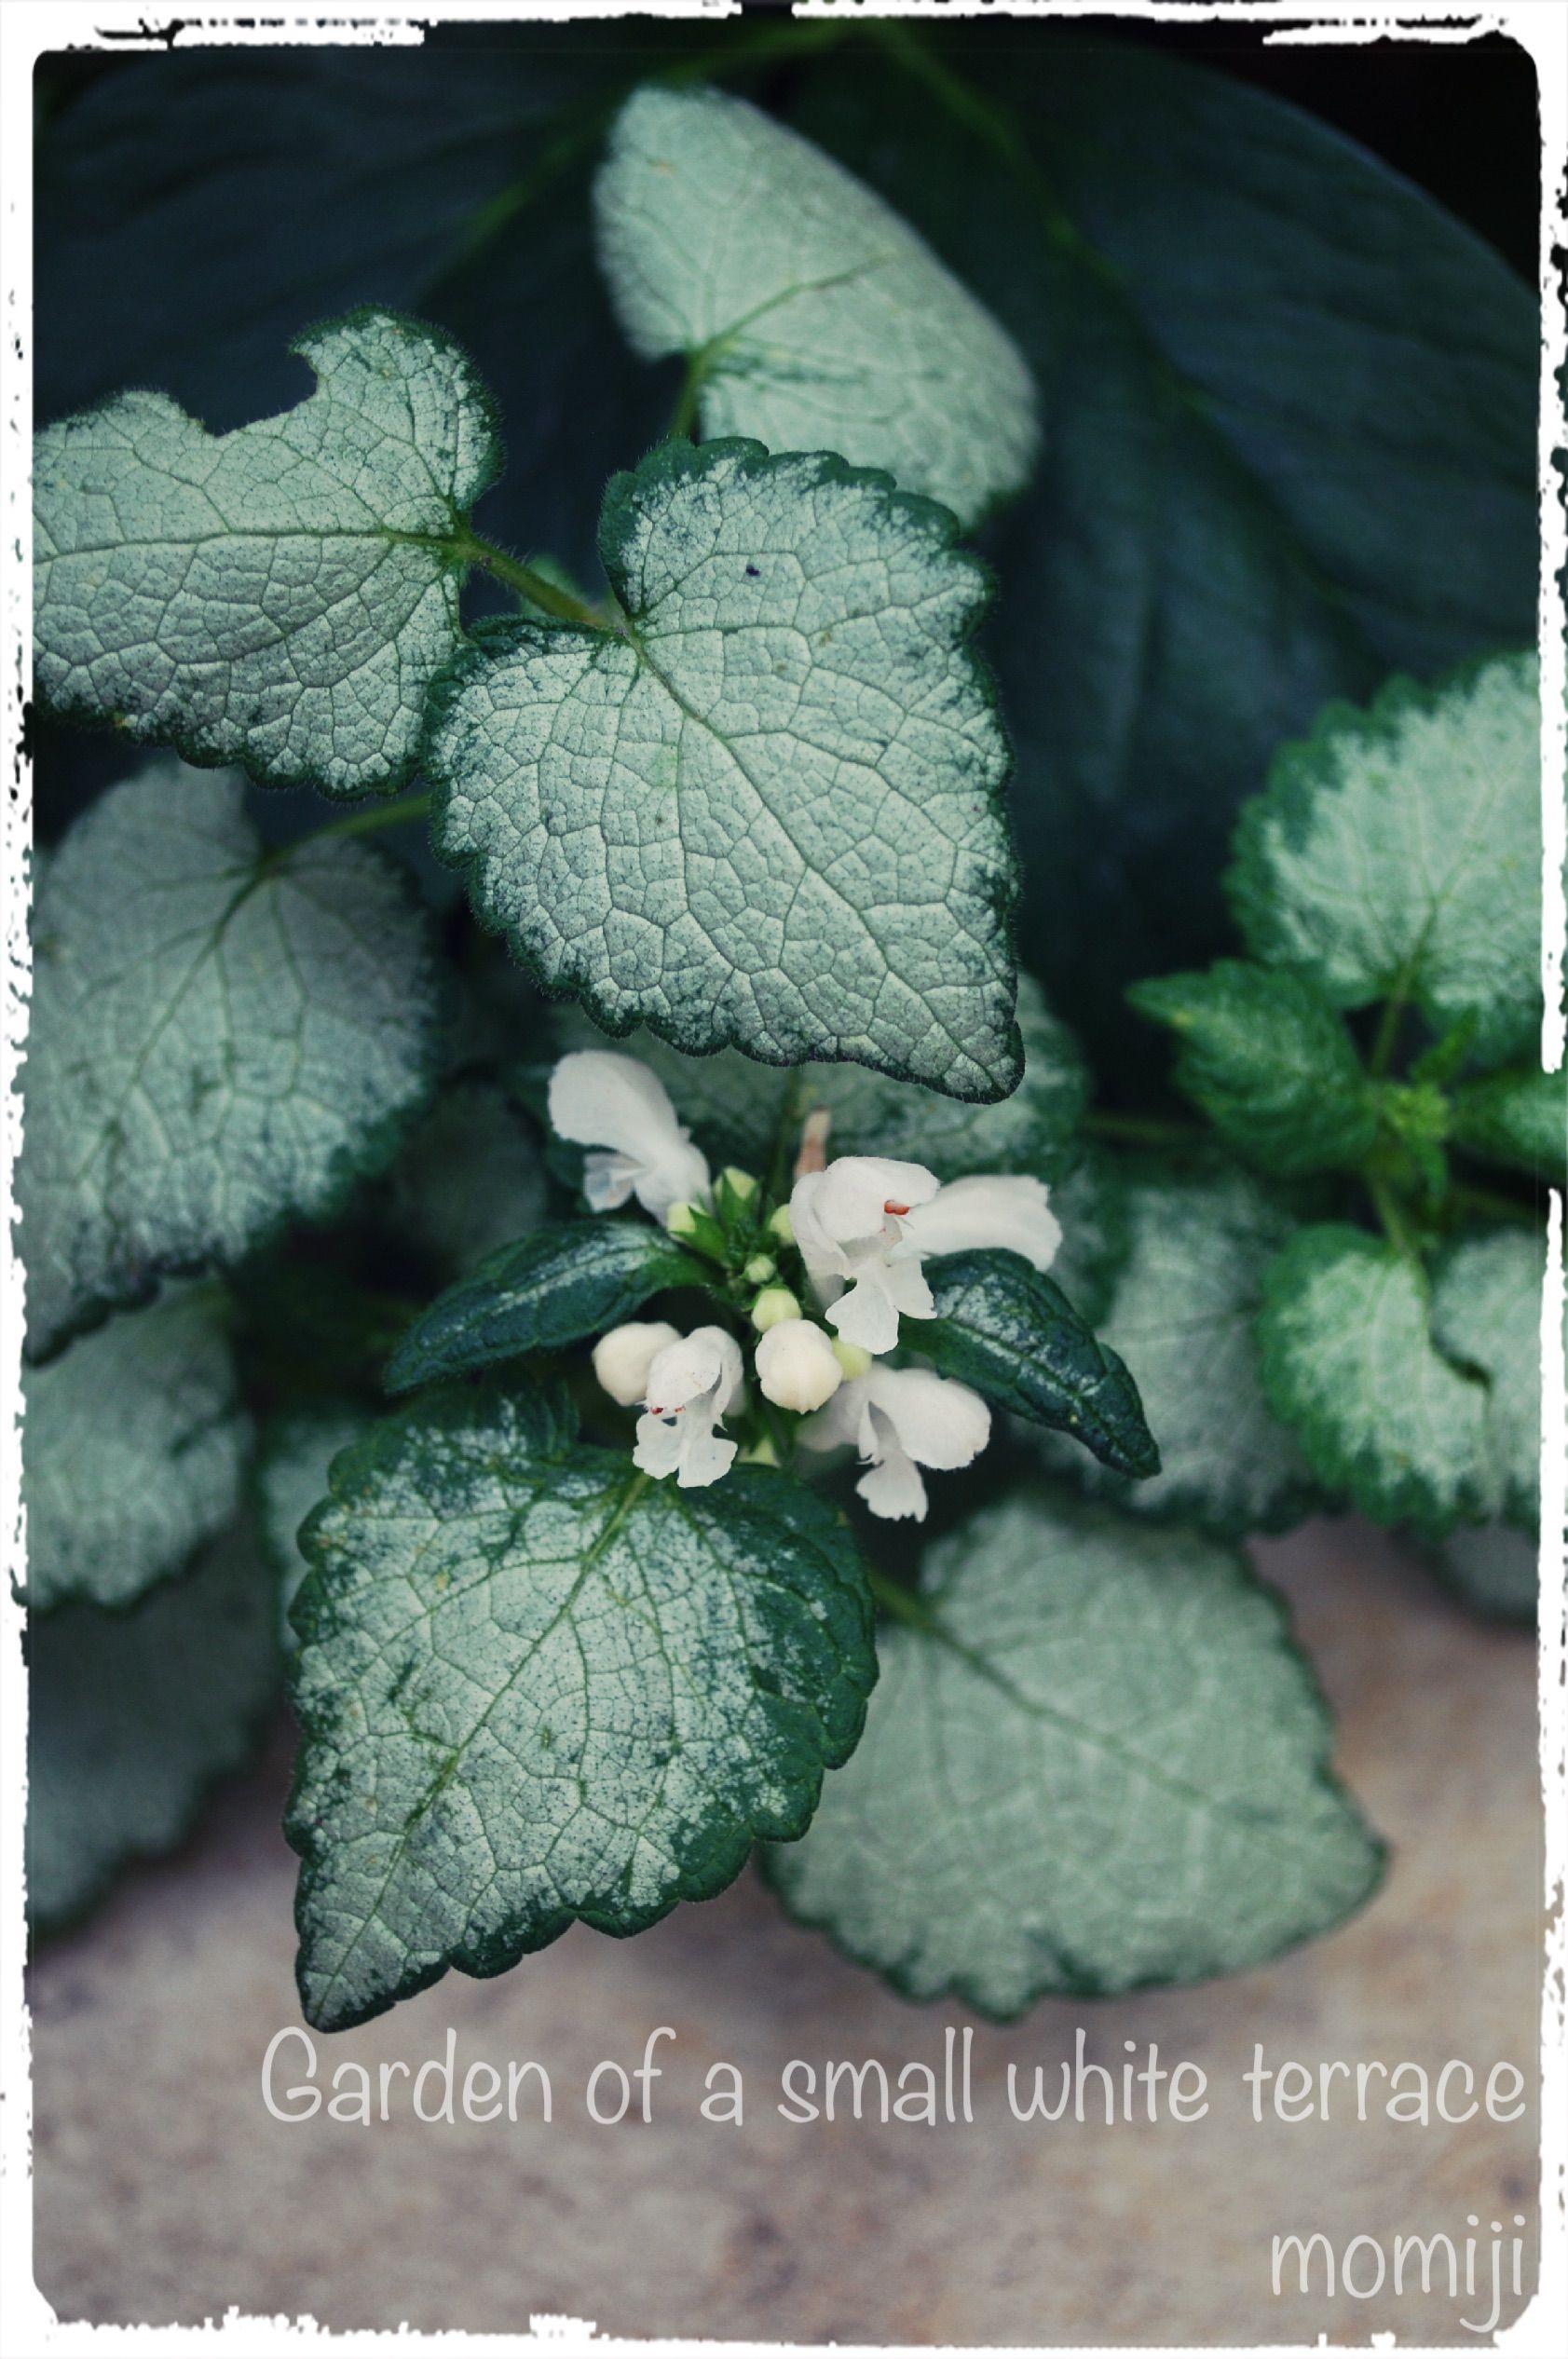 小さな白いテラスの庭 ☆まとめ☆ 5月に咲いたお花たち♪(´∪`●)ゝ 〜北側…日陰花壇編〜